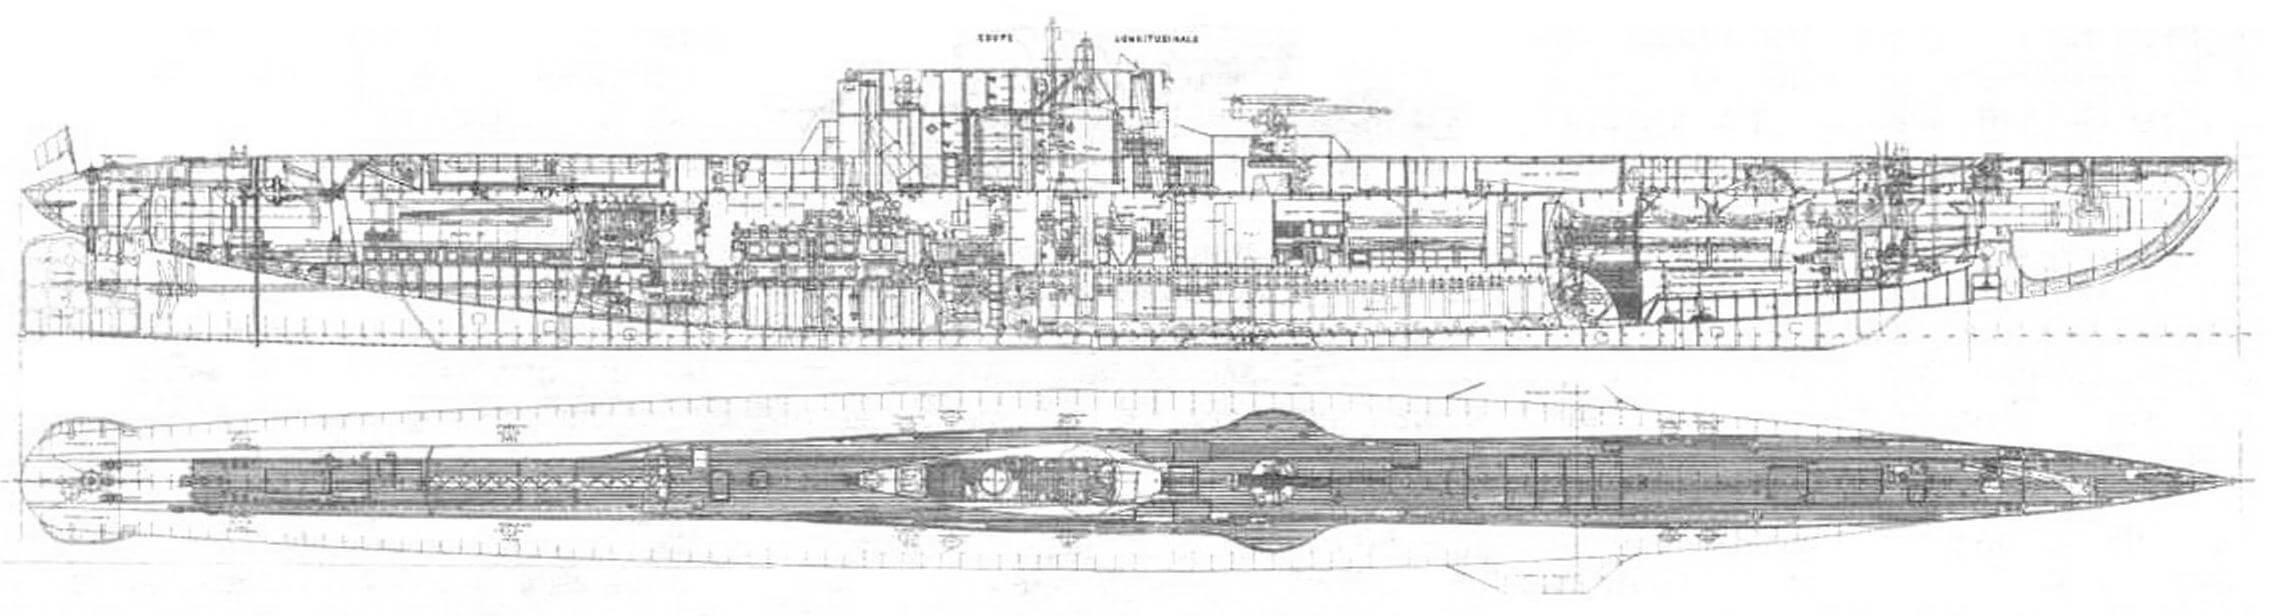 Подводная лодка «Сирен» (Франция, 1926 г.)